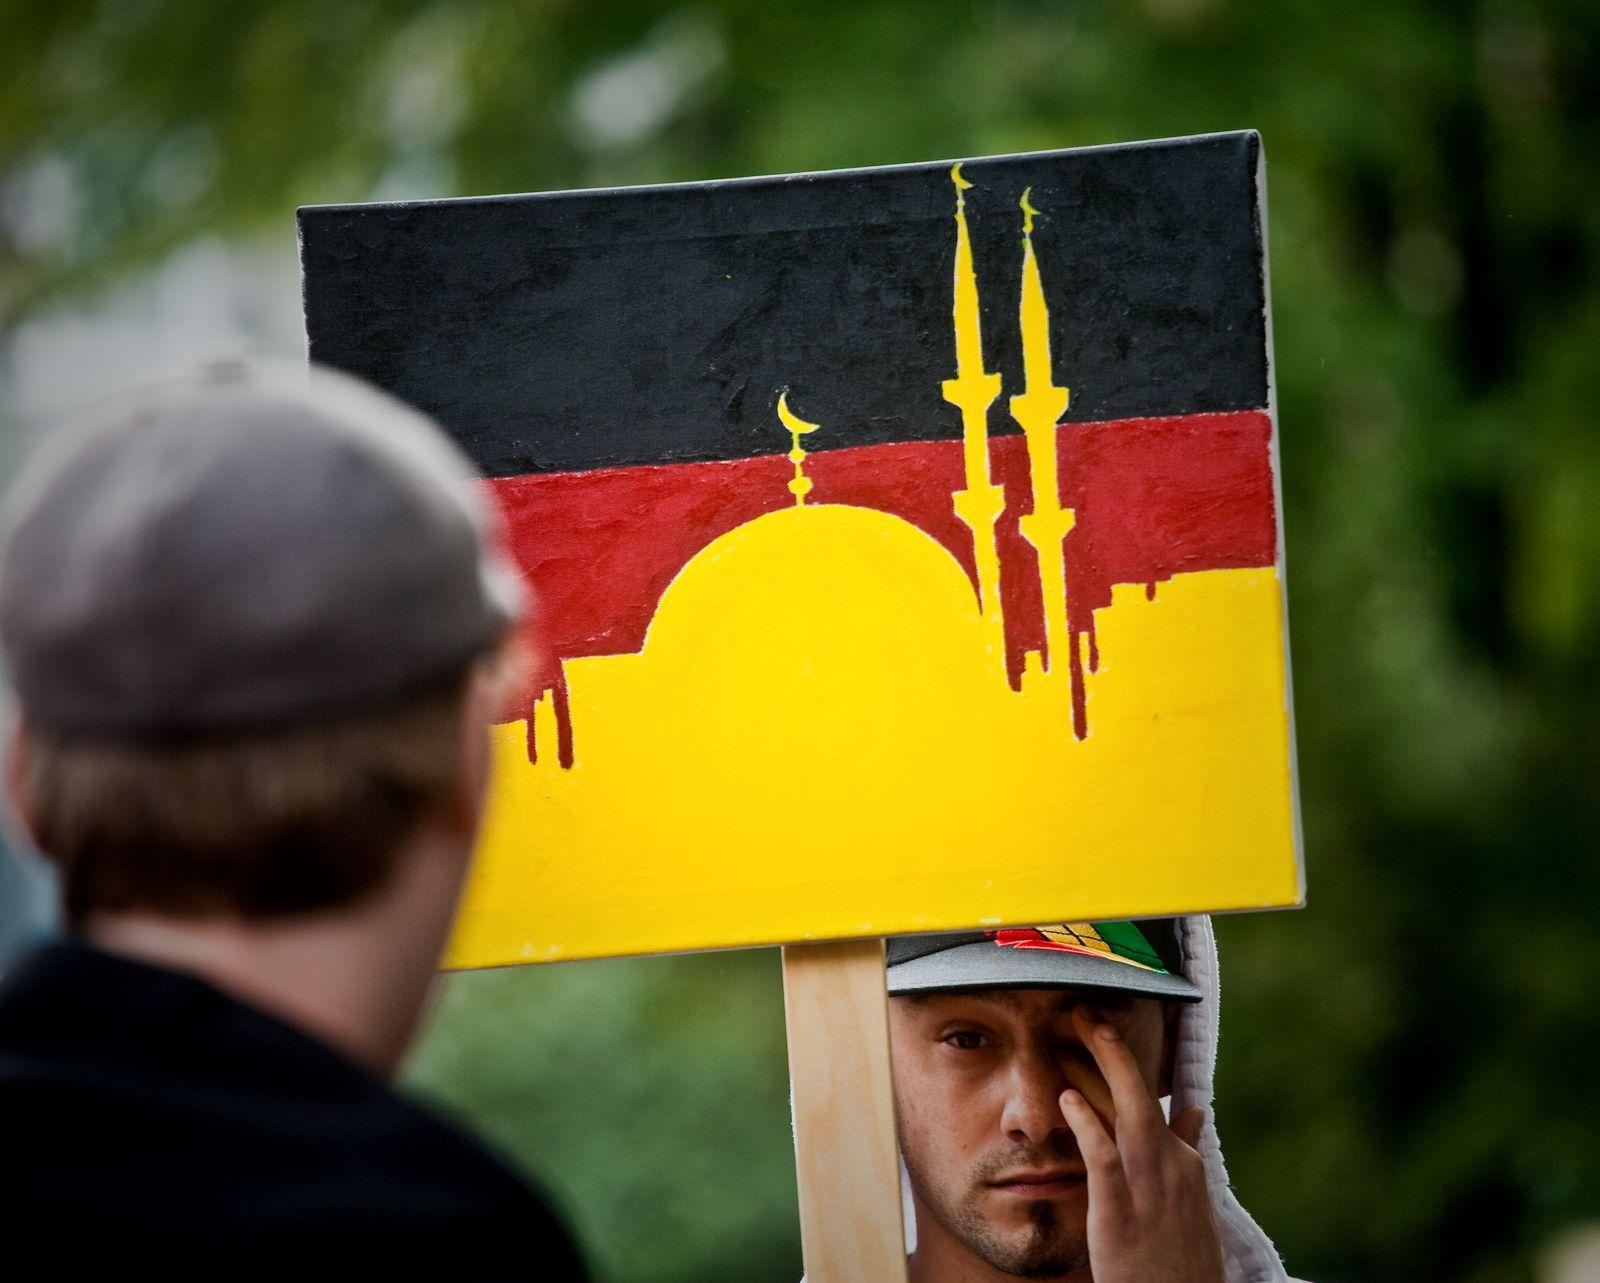 NICHT VERWENDEN DGB-Kundgebung gegen Pro-NRW-Auftritt in Duisburg